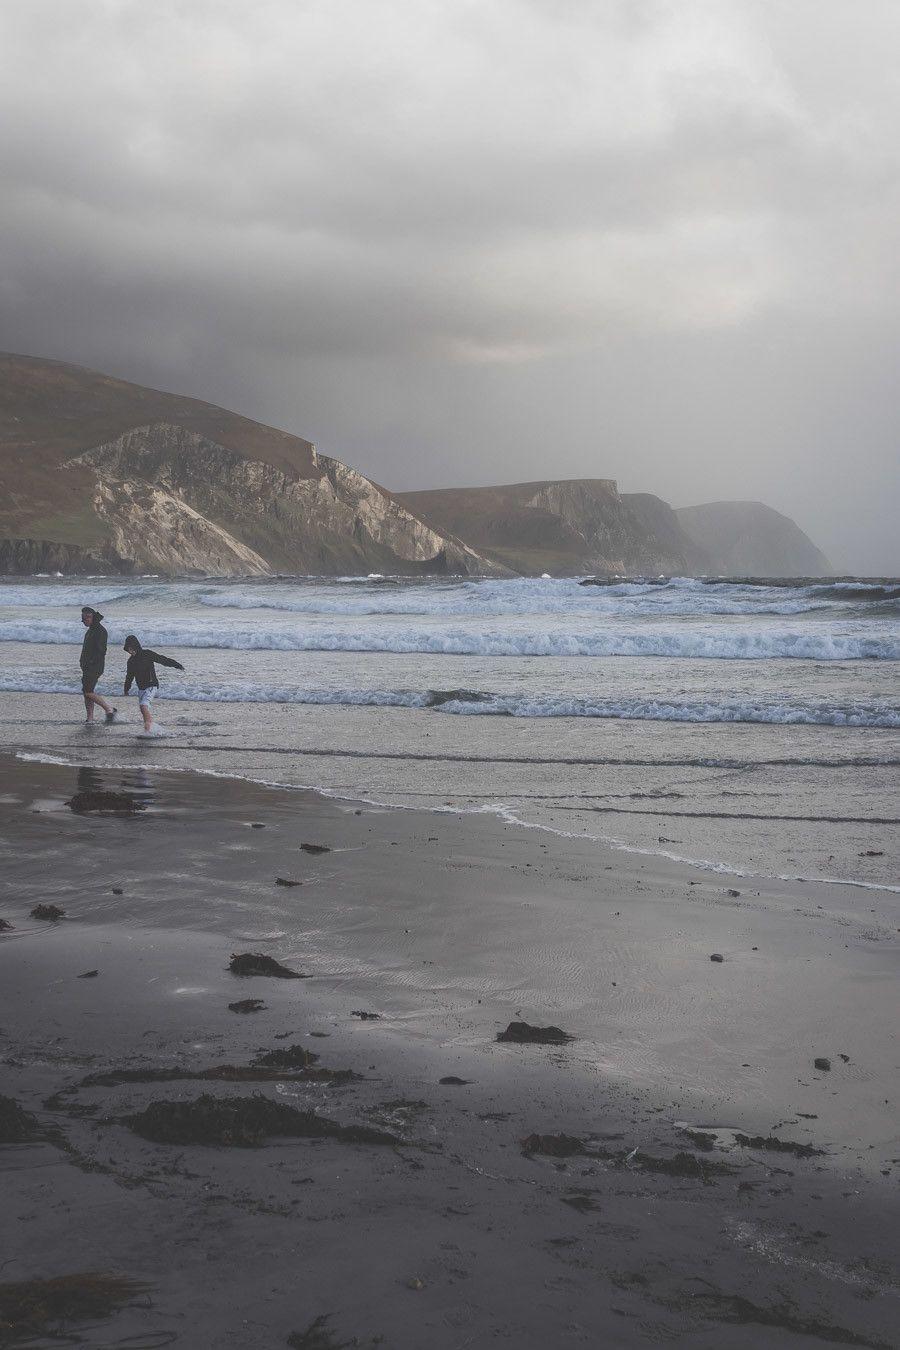 La plage de Keel Beach sur l'île d'Achill dans le comté de Mayo